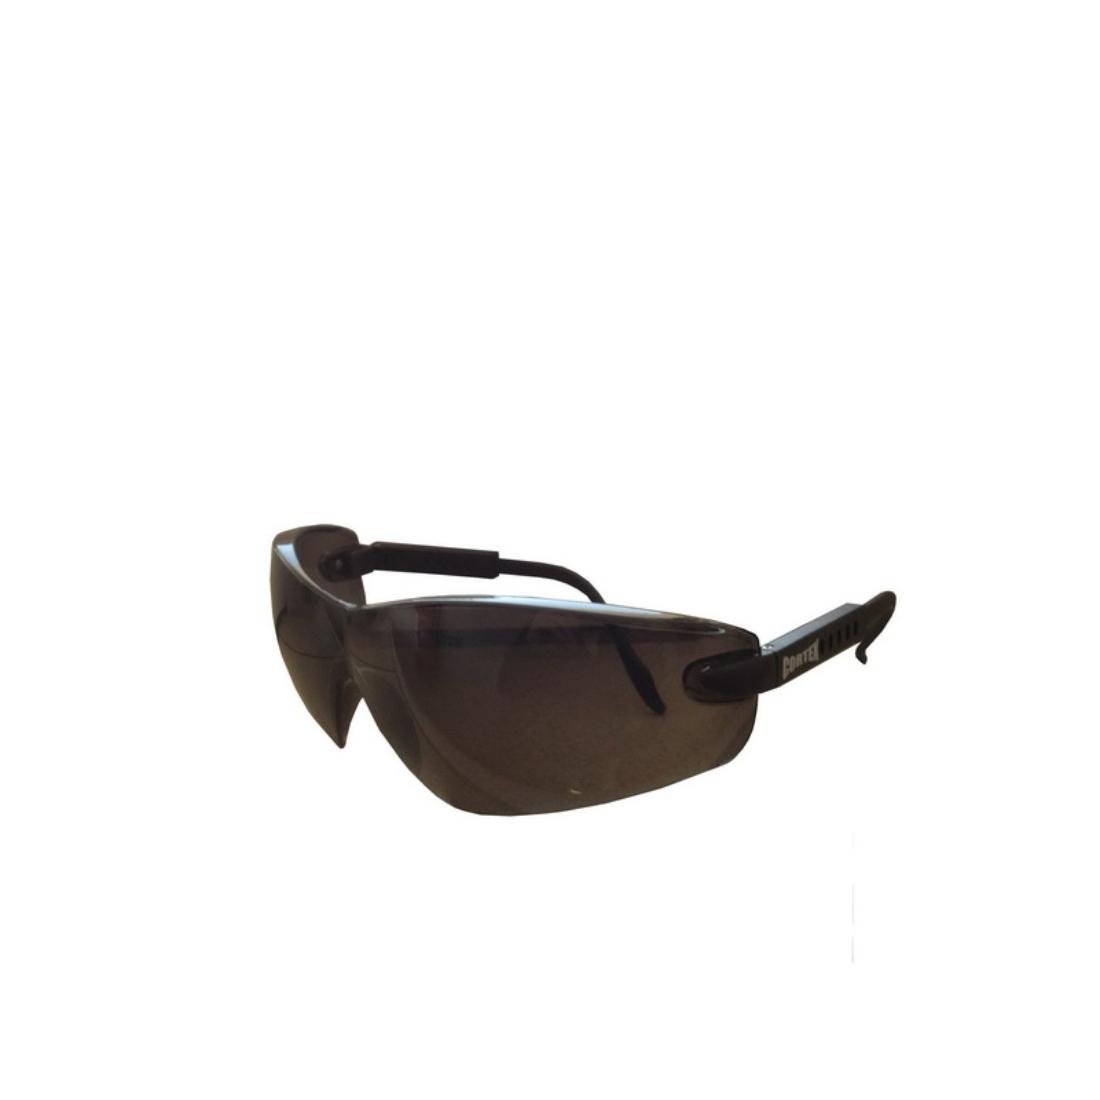 Védőszemüveg P251-A UV szűrős szürke